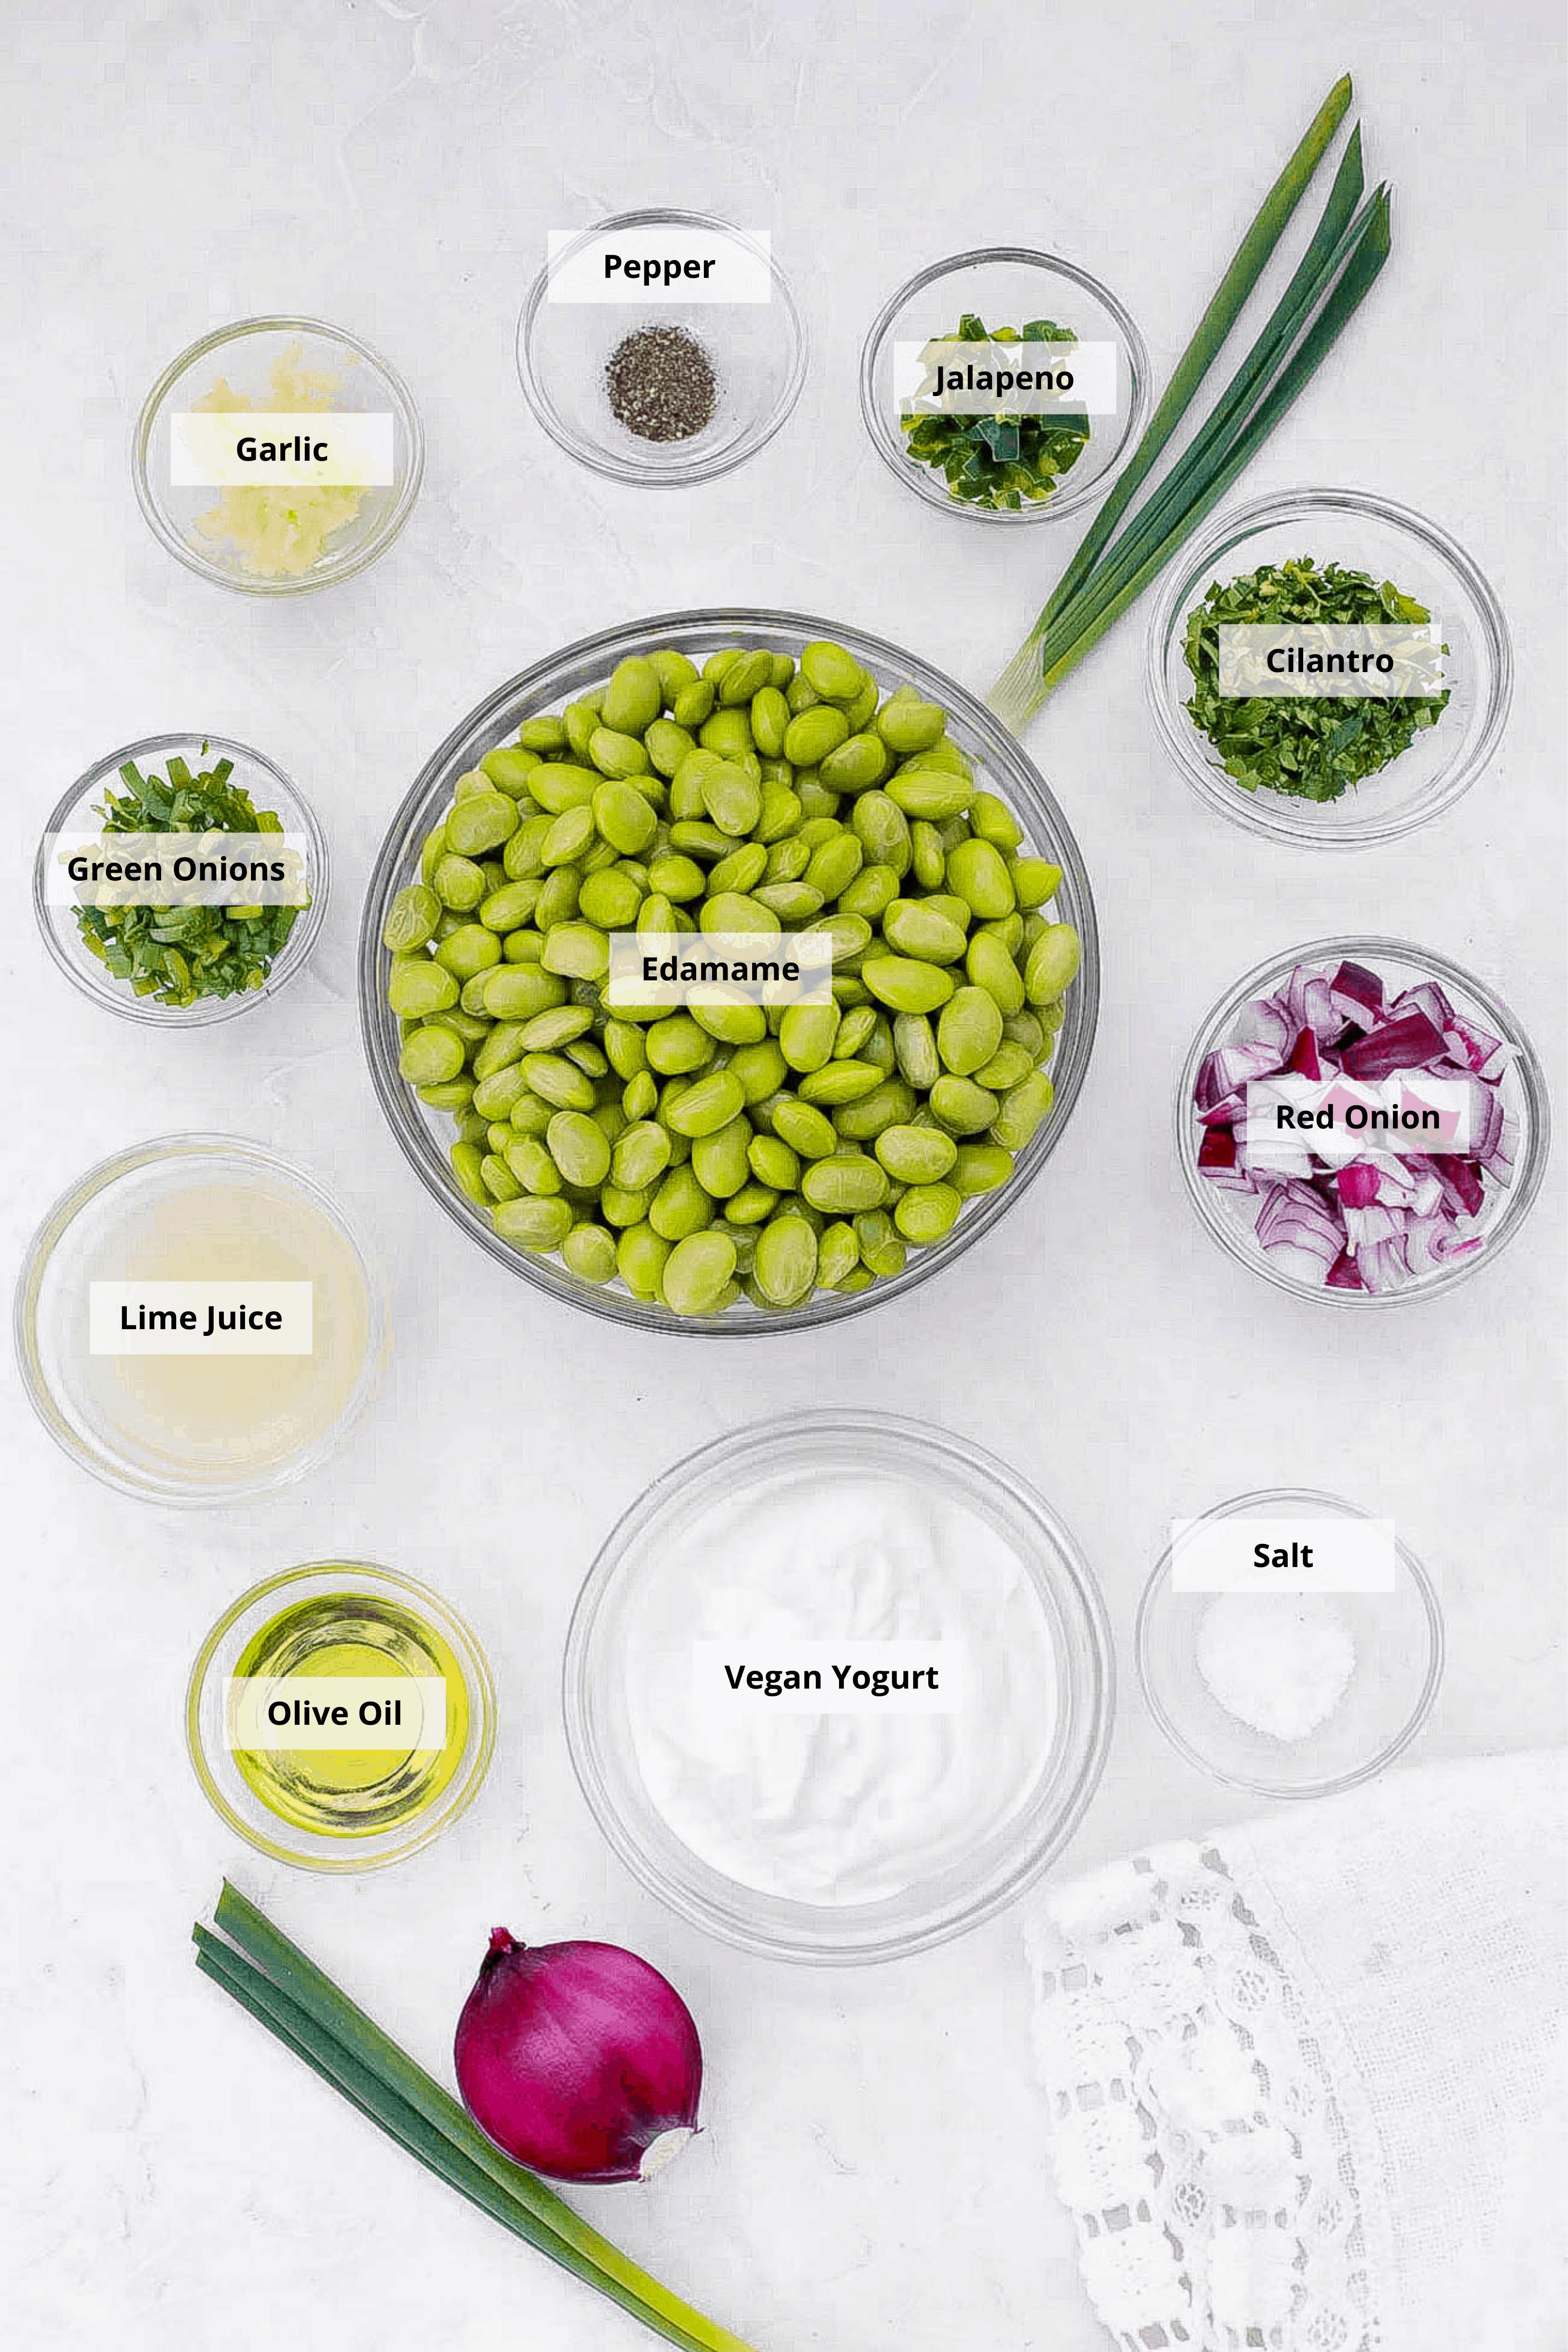 ingredients for vegan guacamole